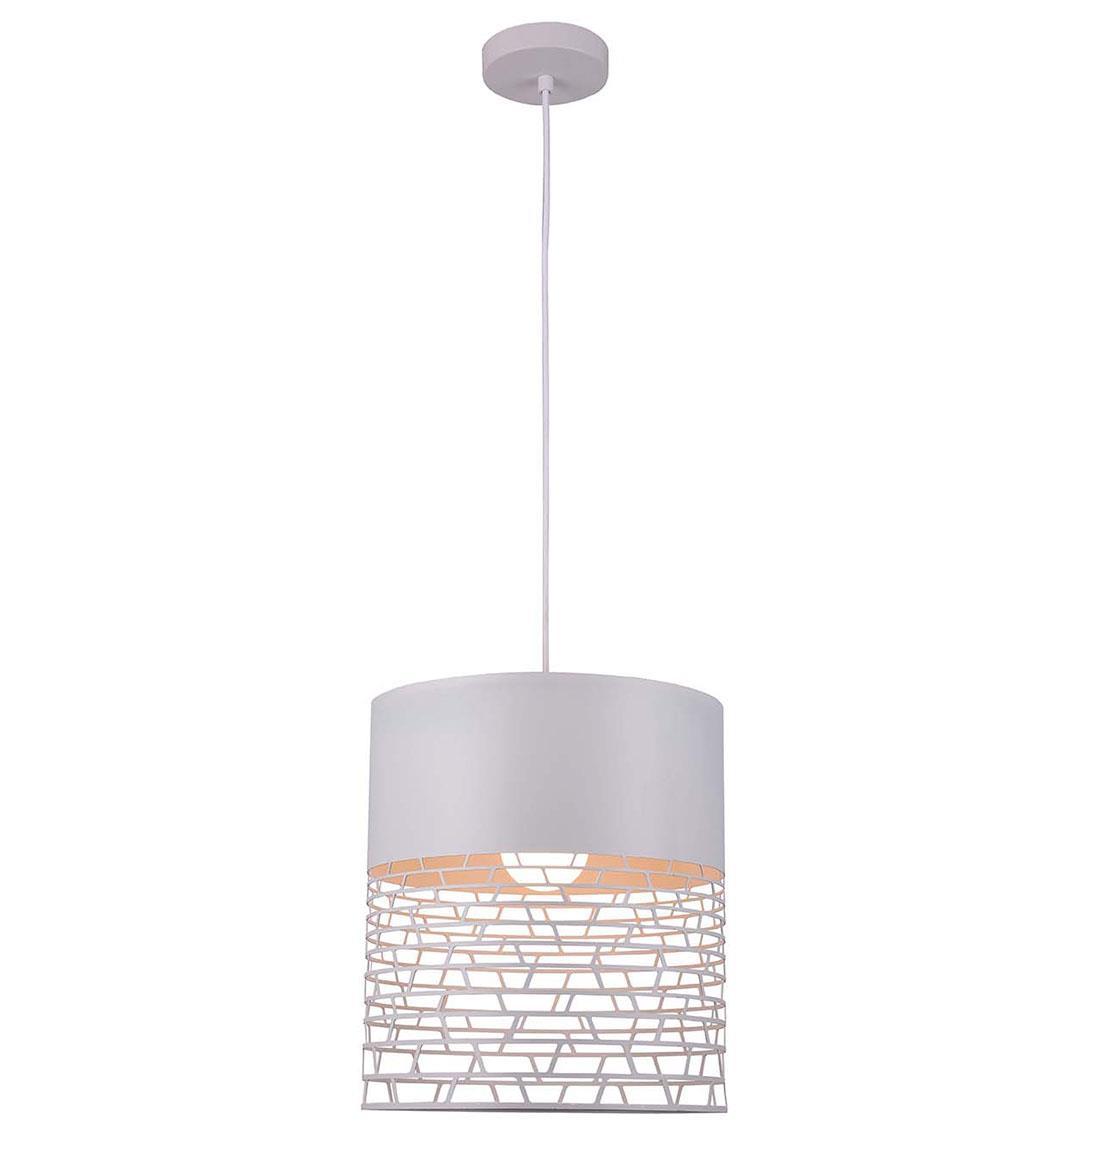 Φωτιστικό οροφής κρεμαστό μονόφωτο Feretti μεταλλικό λευκό 32x120cm Viokef 4200700